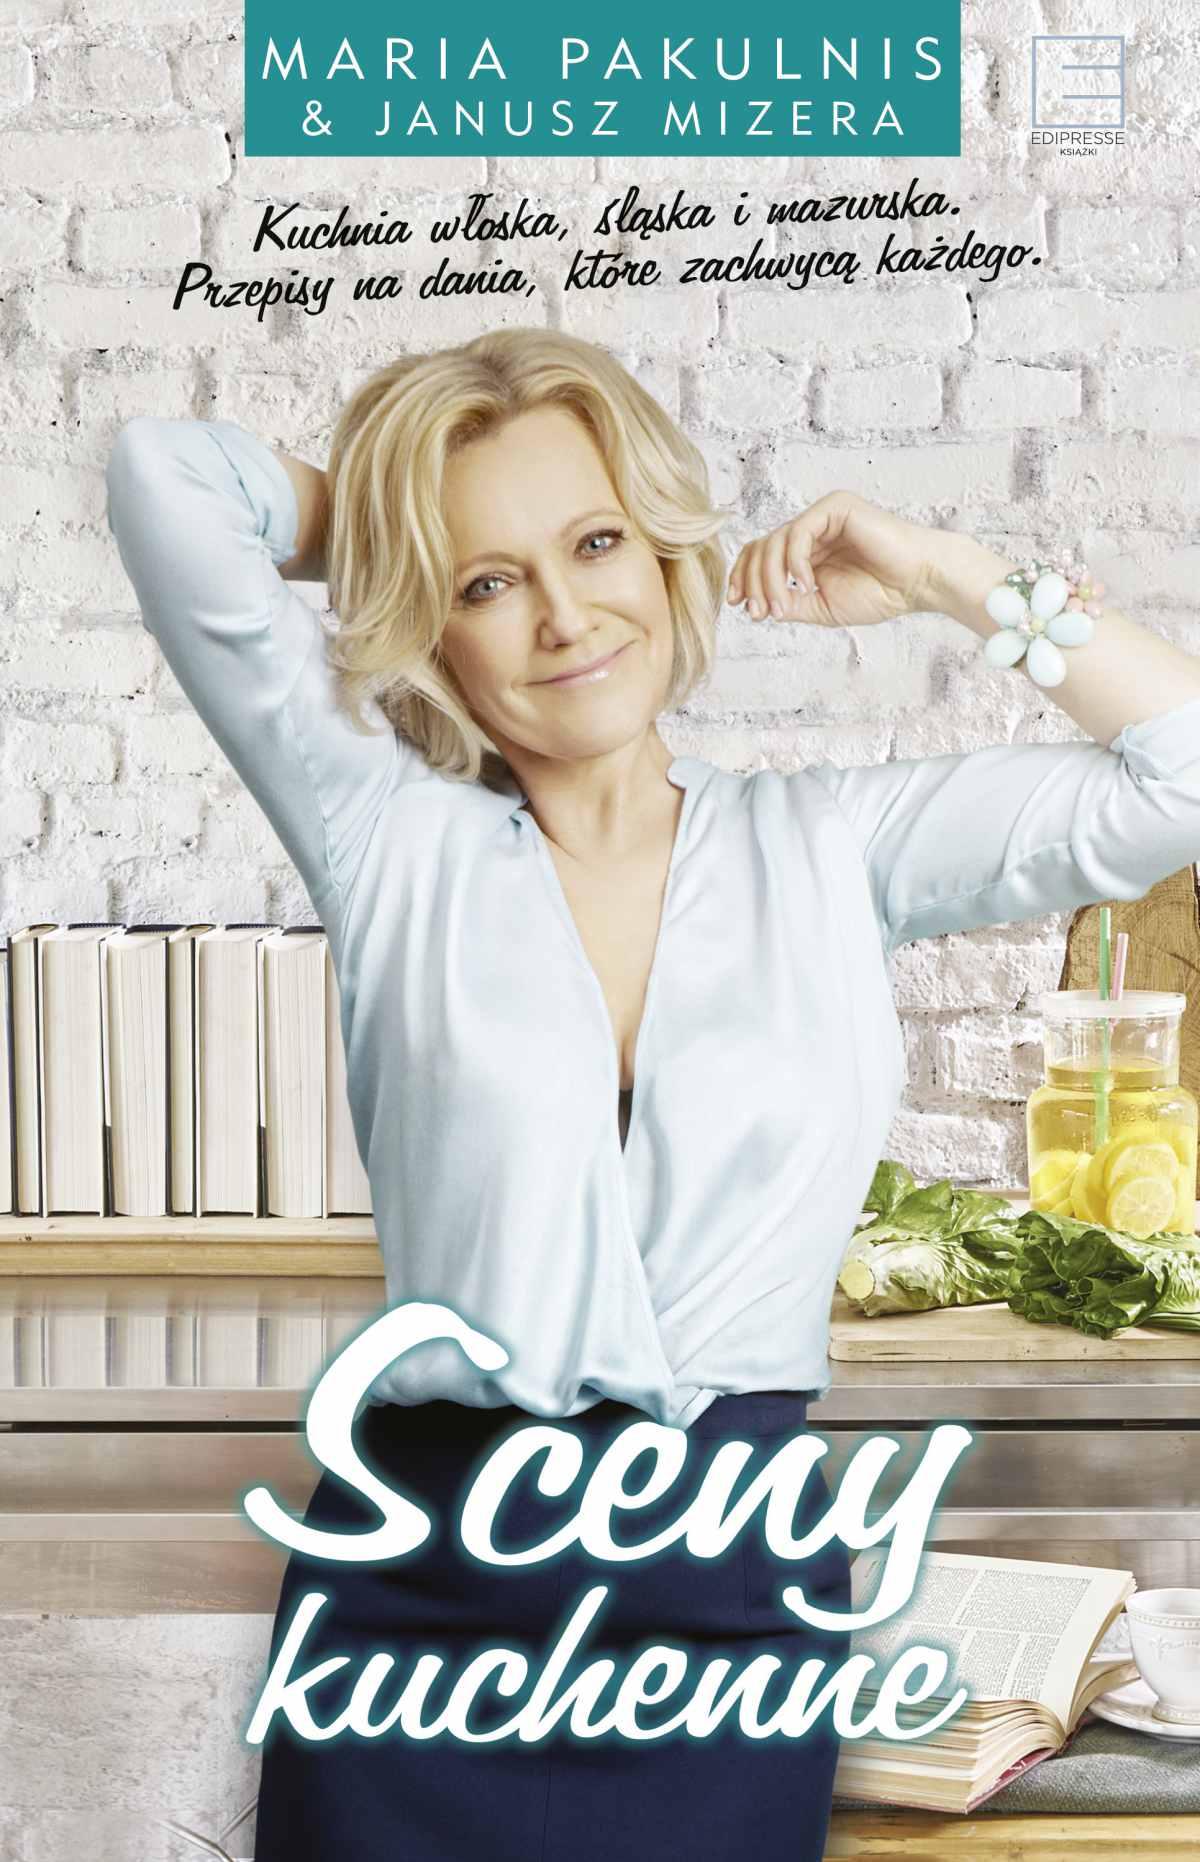 Sceny kuchenne - Ebook (Książka na Kindle) do pobrania w formacie MOBI